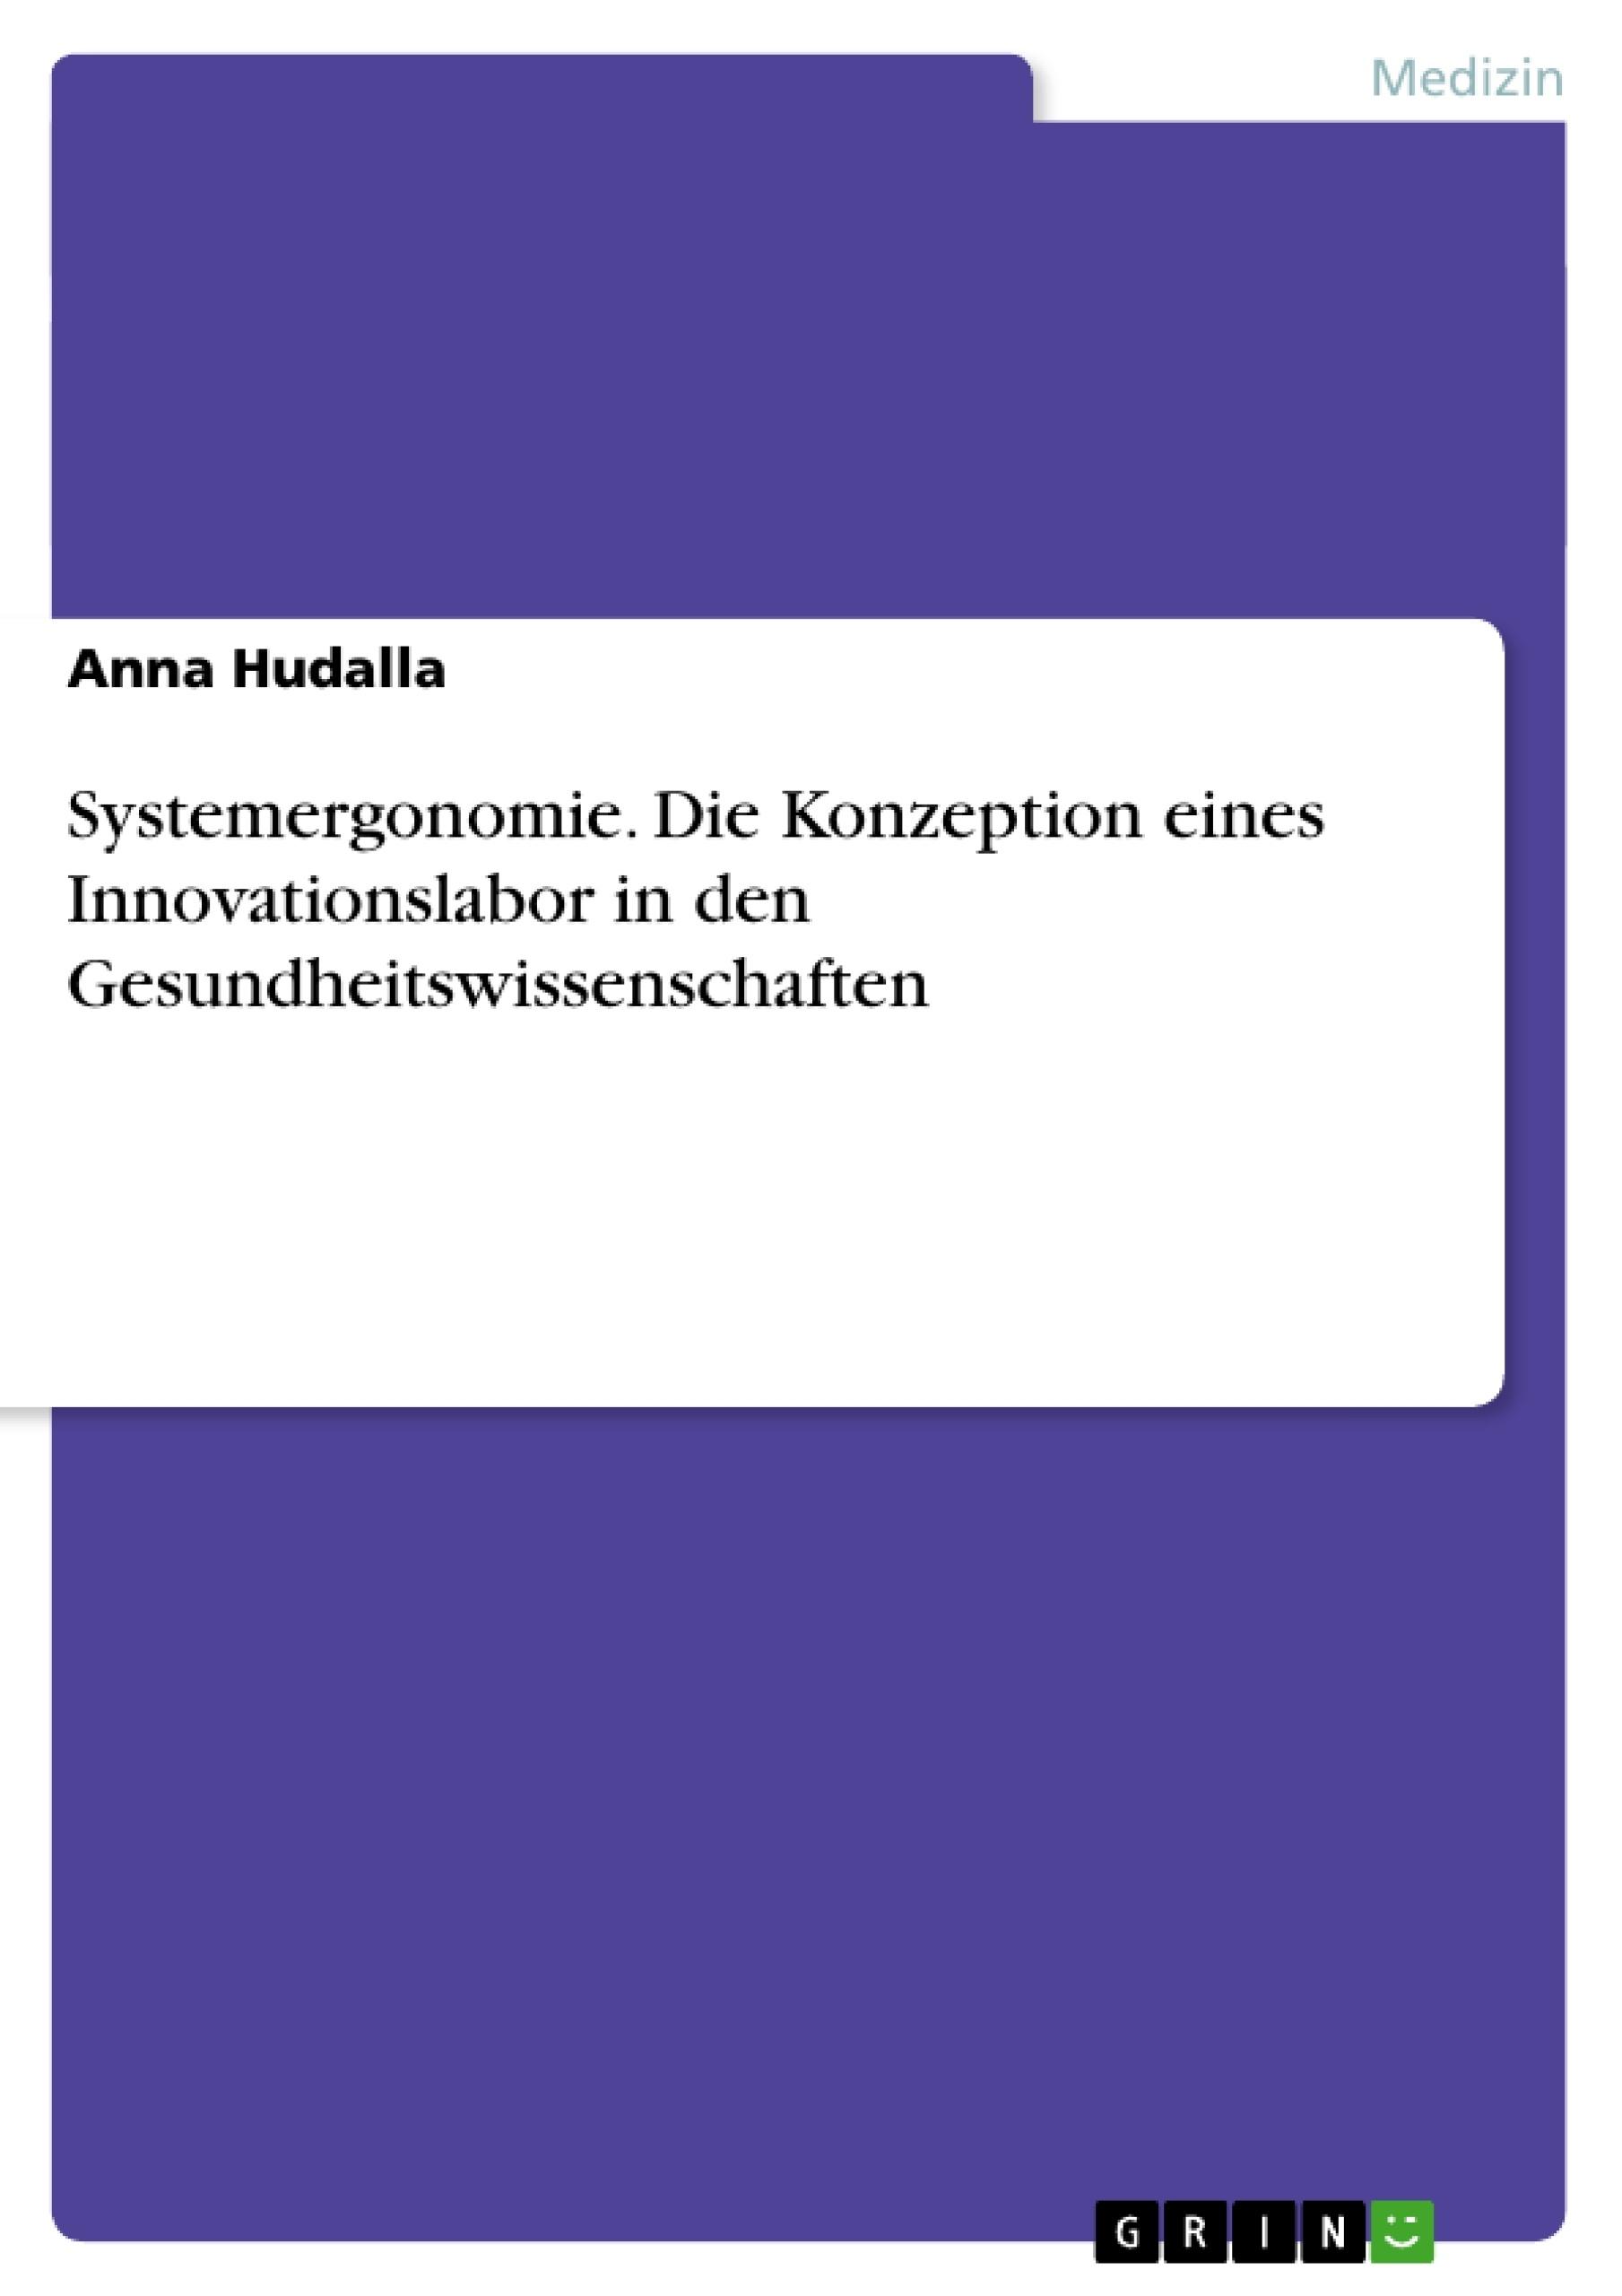 Titel: Systemergonomie. Die Konzeption eines Innovationslabor in den Gesundheitswissenschaften